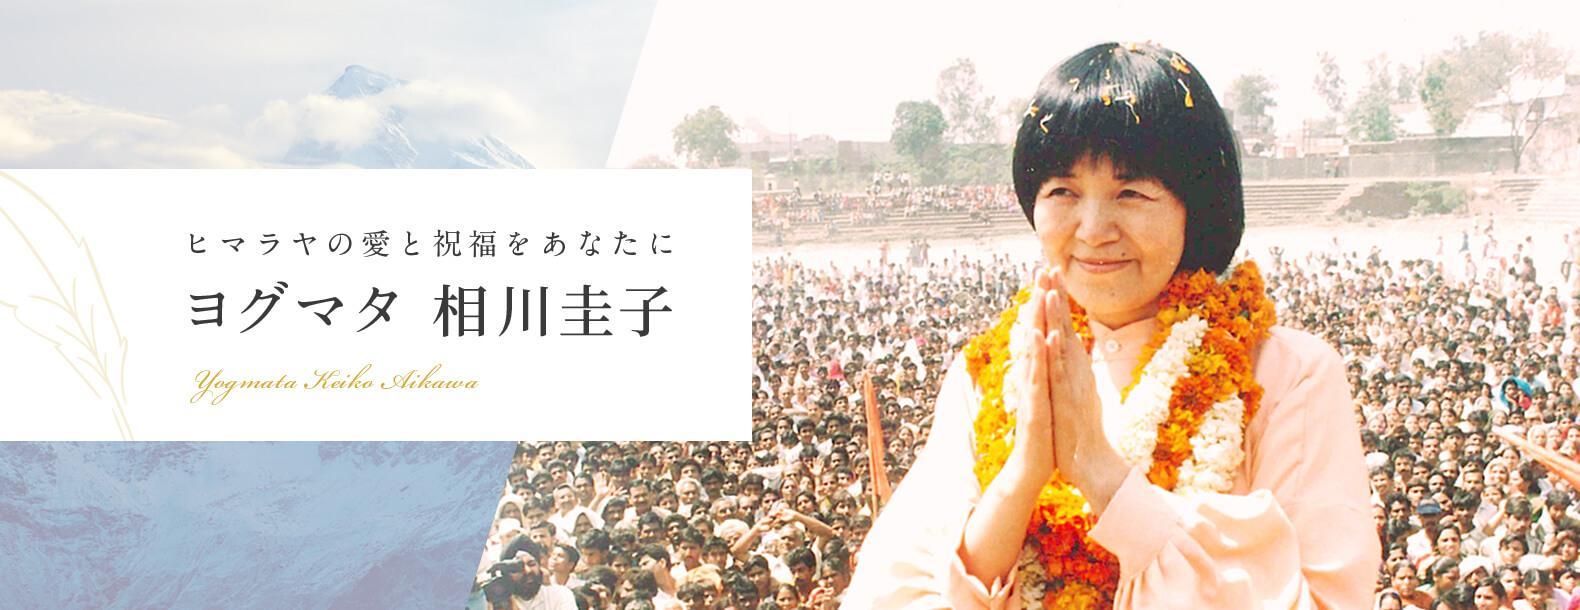 ヒマラヤの愛と祝福をあなたに ヨグマタ相川圭子